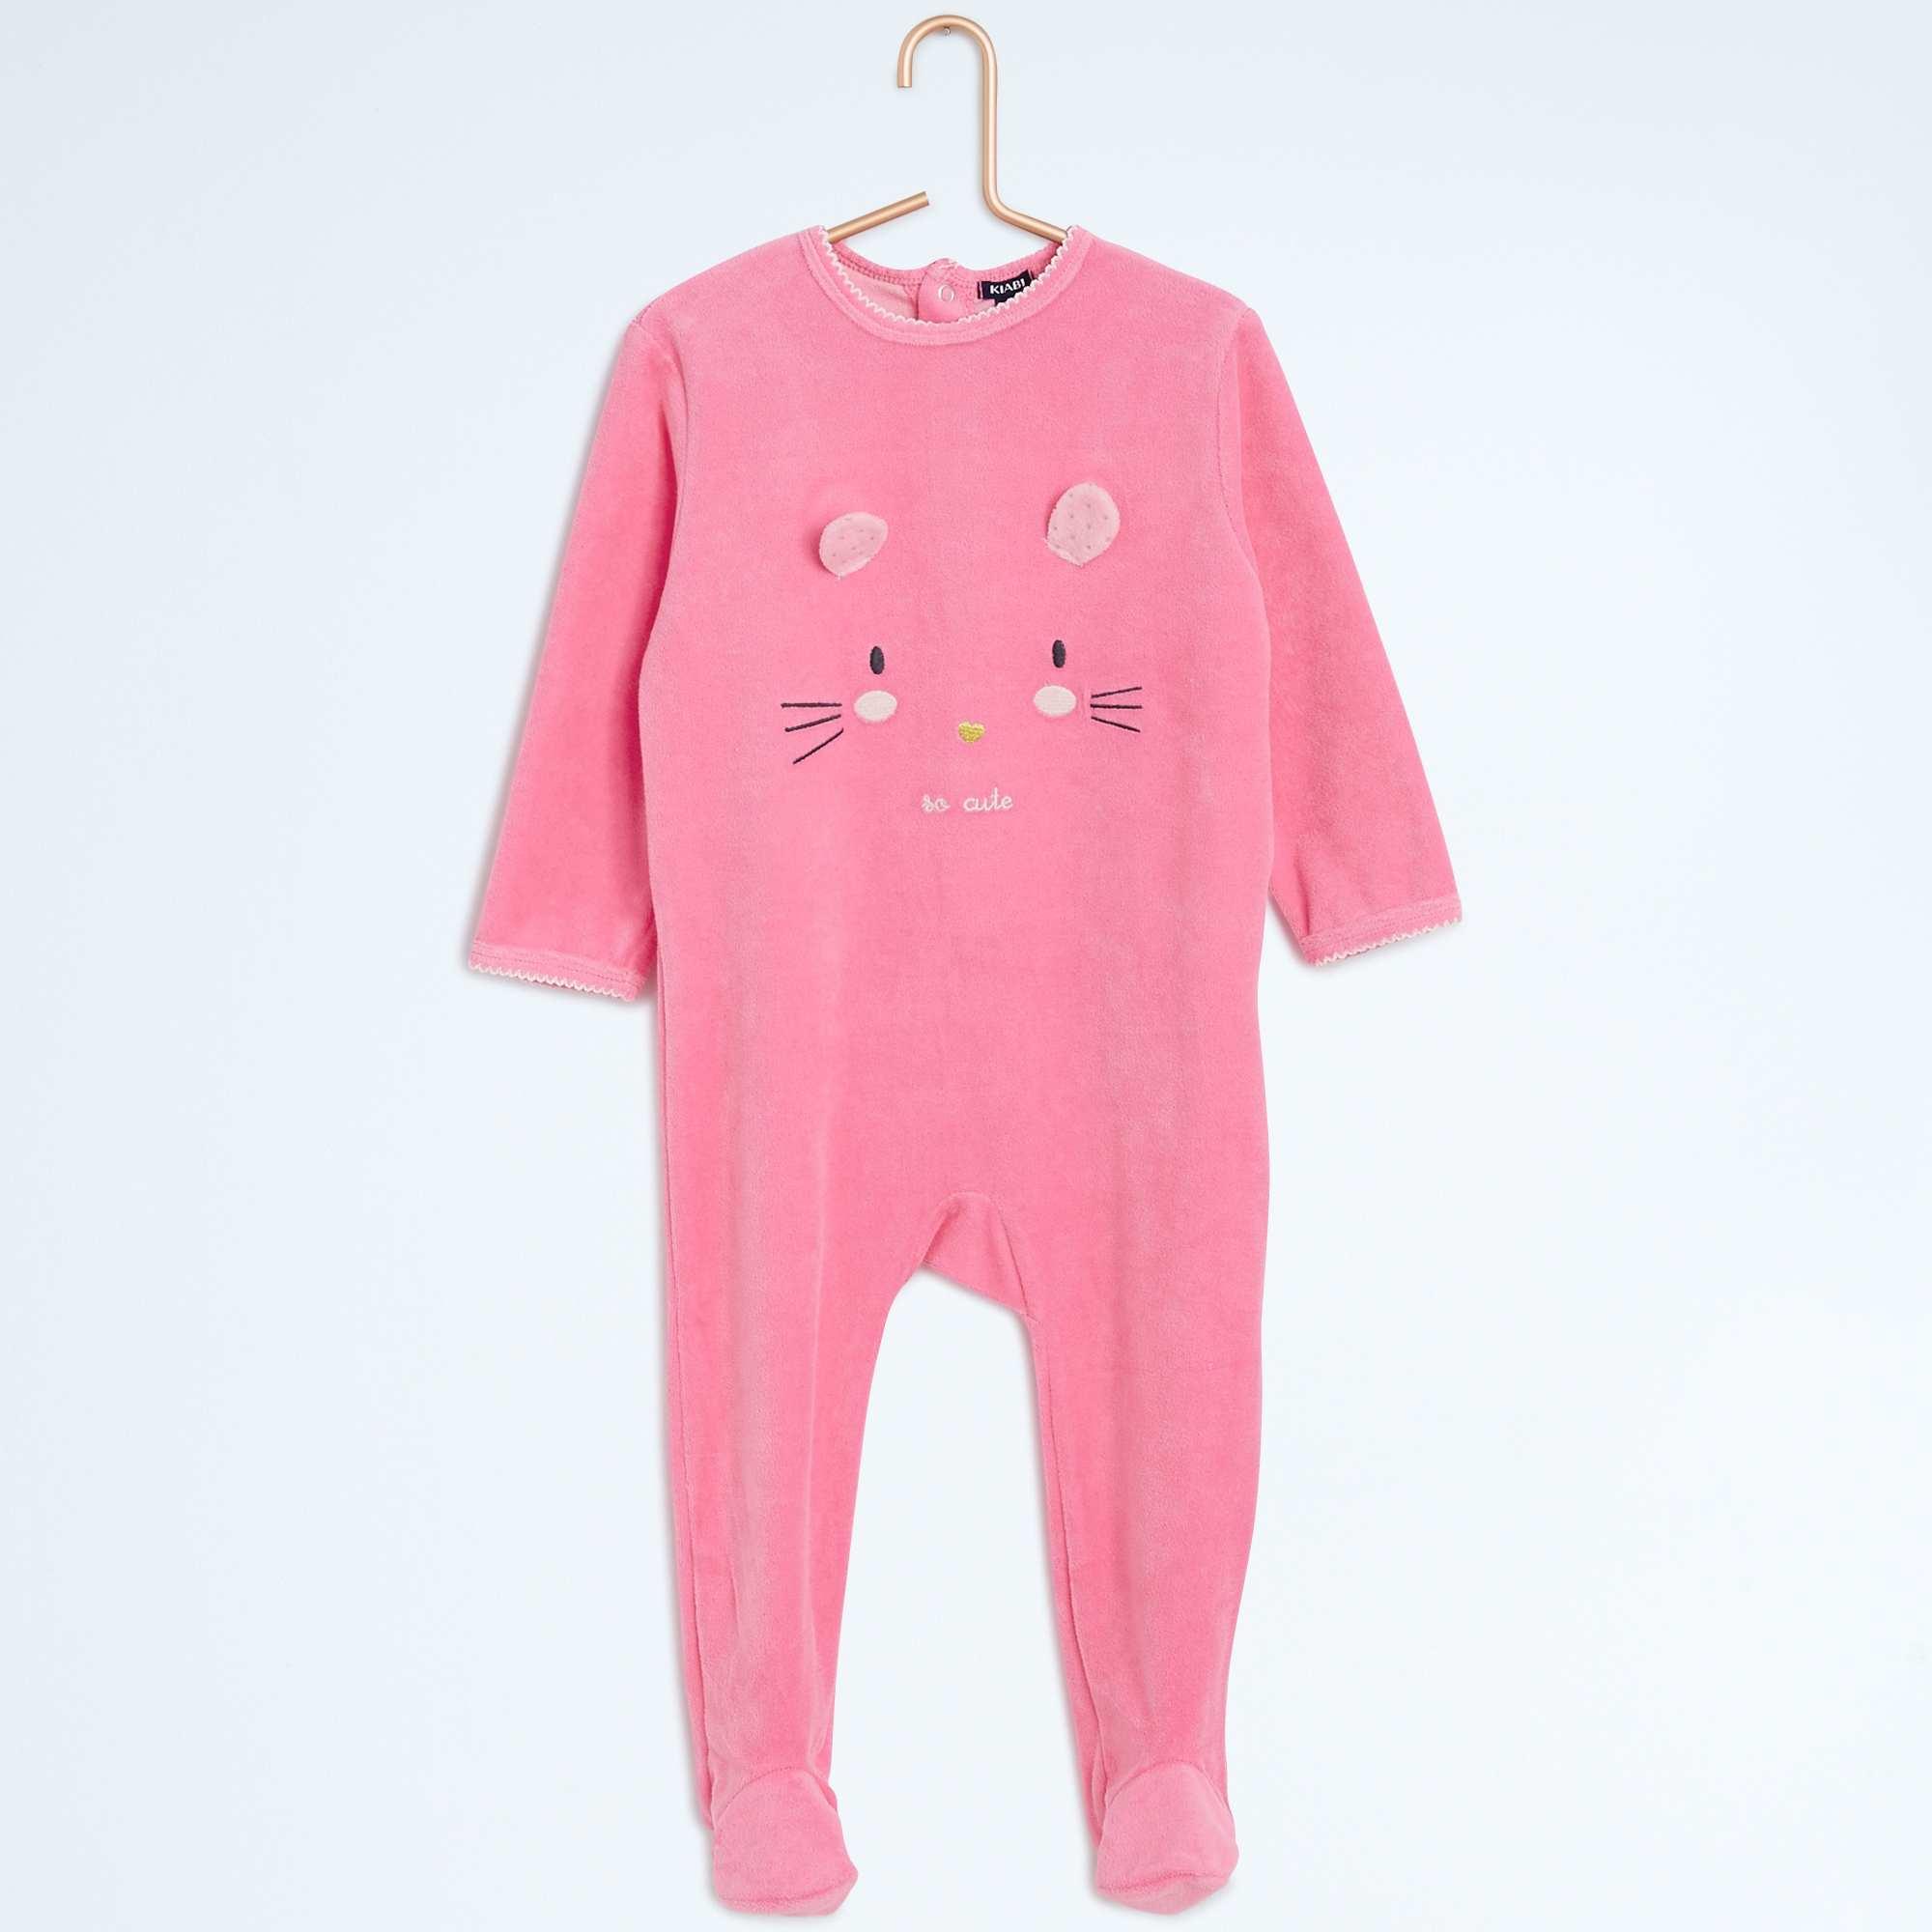 186650369 Pijama con pies y estampado animal Bebé niña - rosa - Kiabi - 10